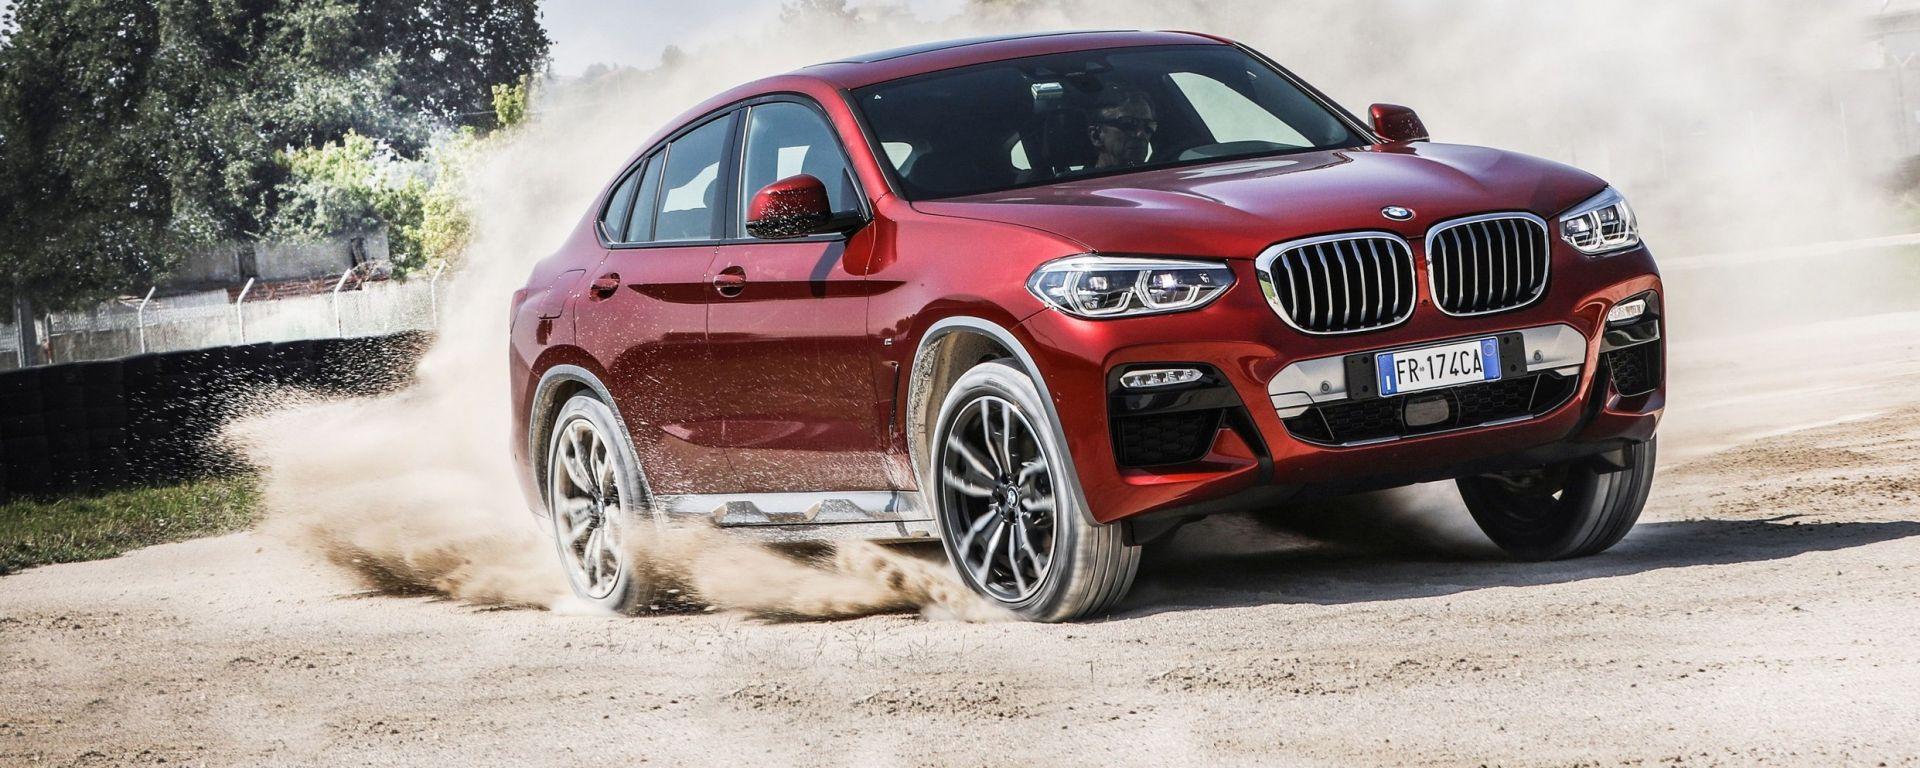 Nuova BMW X4 2019: la prova su strada. Ecco come cambia